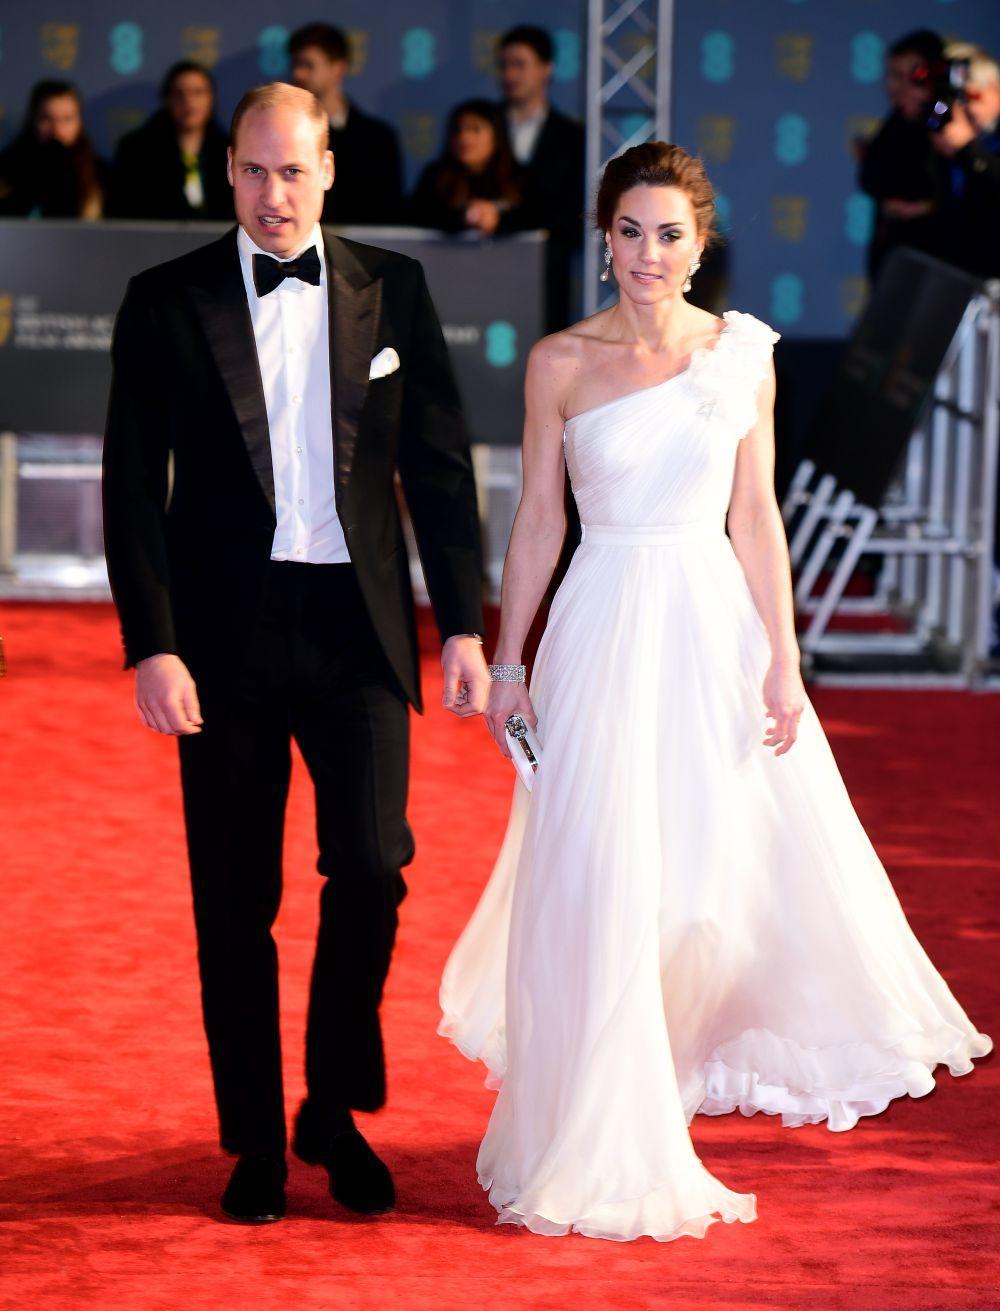 Los Duques de Cambridge llegando a la gala de los Premios Bafta 2019.